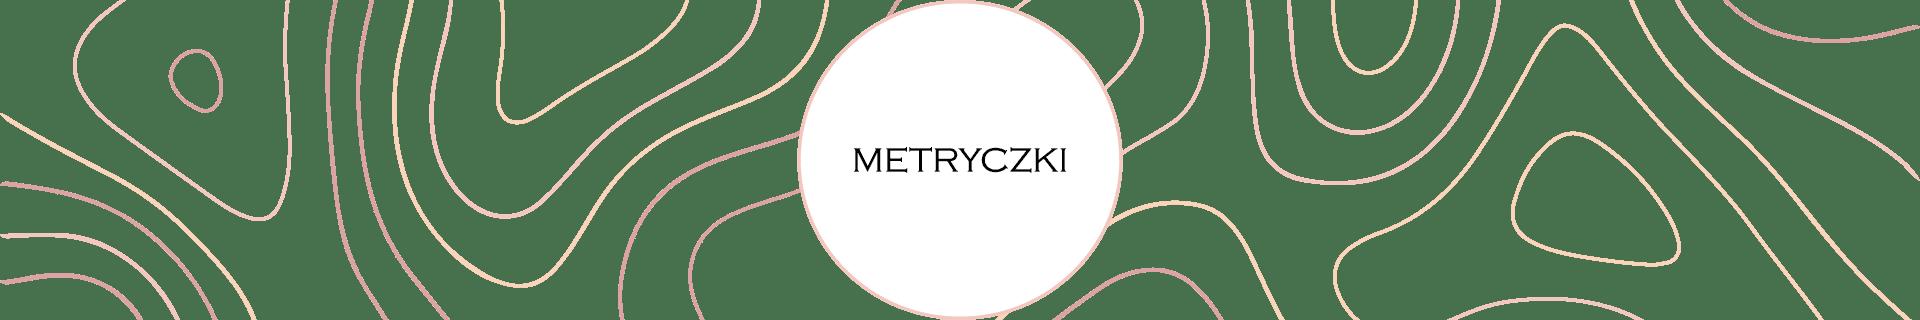 baner_metryczki